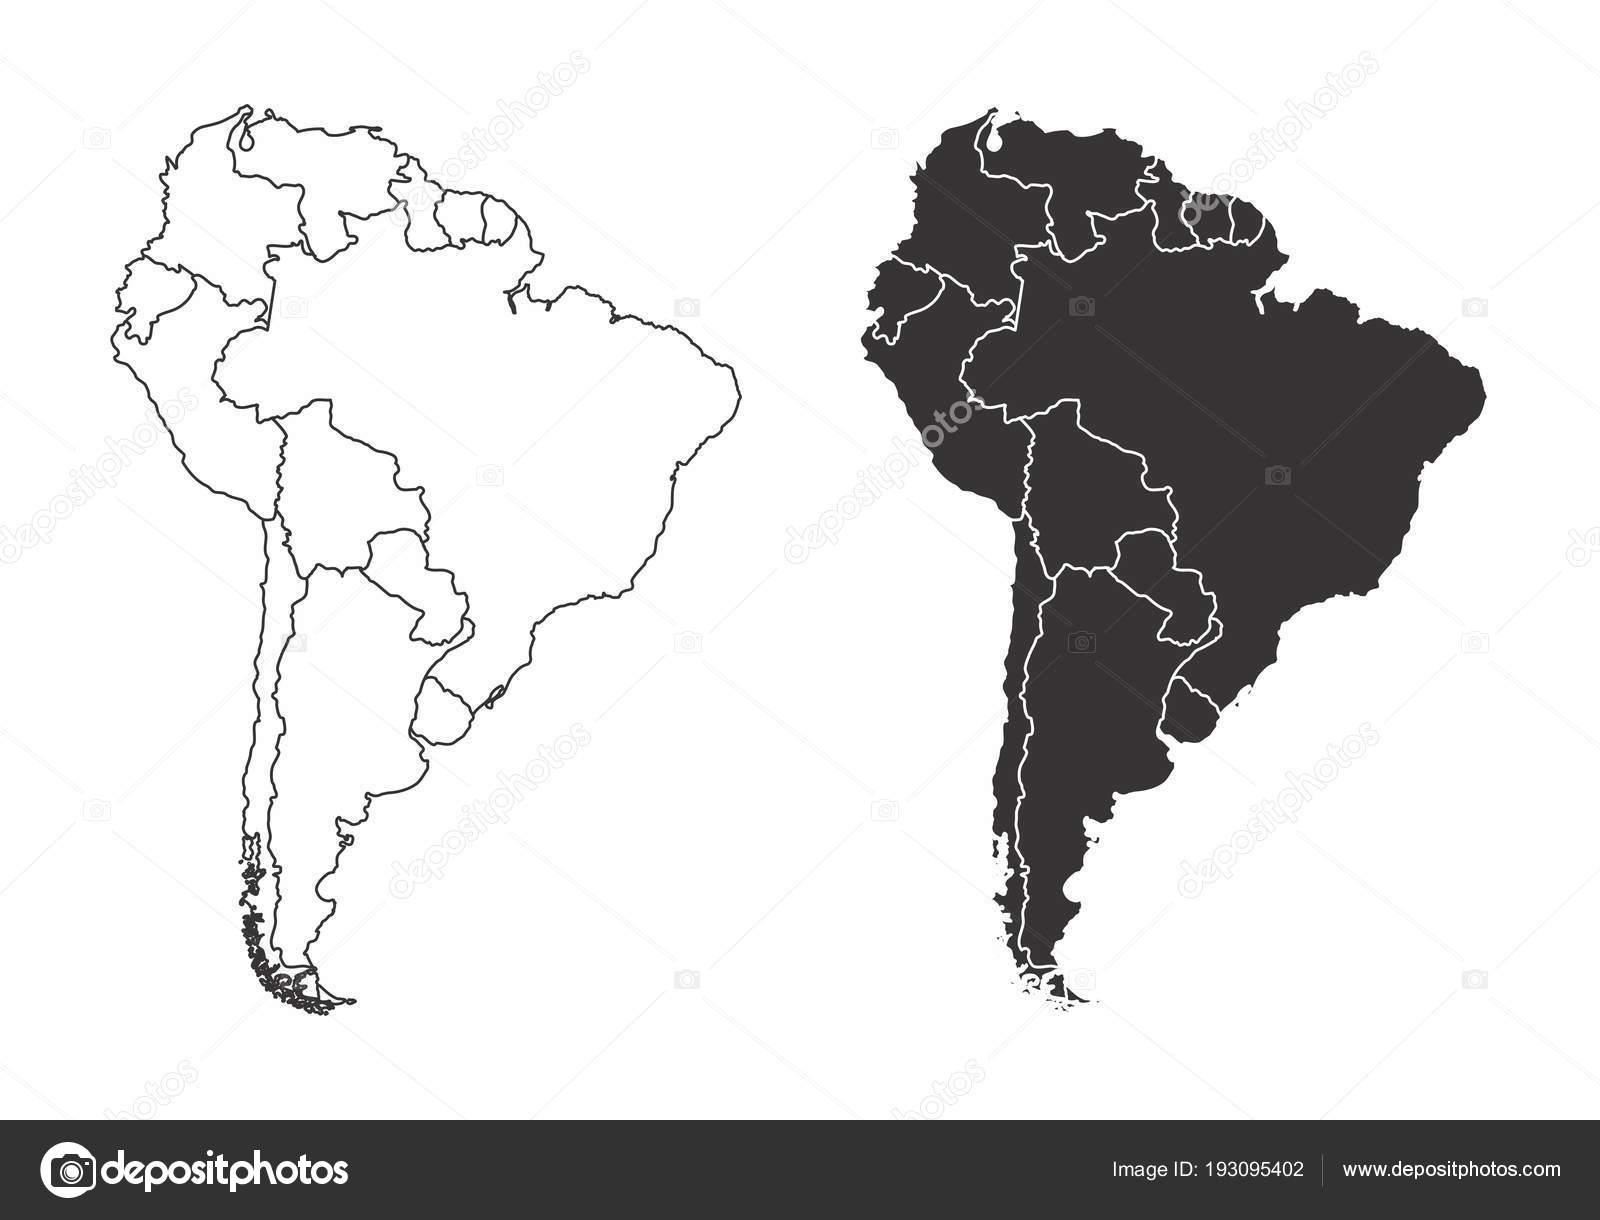 Amerika Karte Schwarz Weiß.Karten Von Süd Amerika Stockvektor Luisrftc 193095402